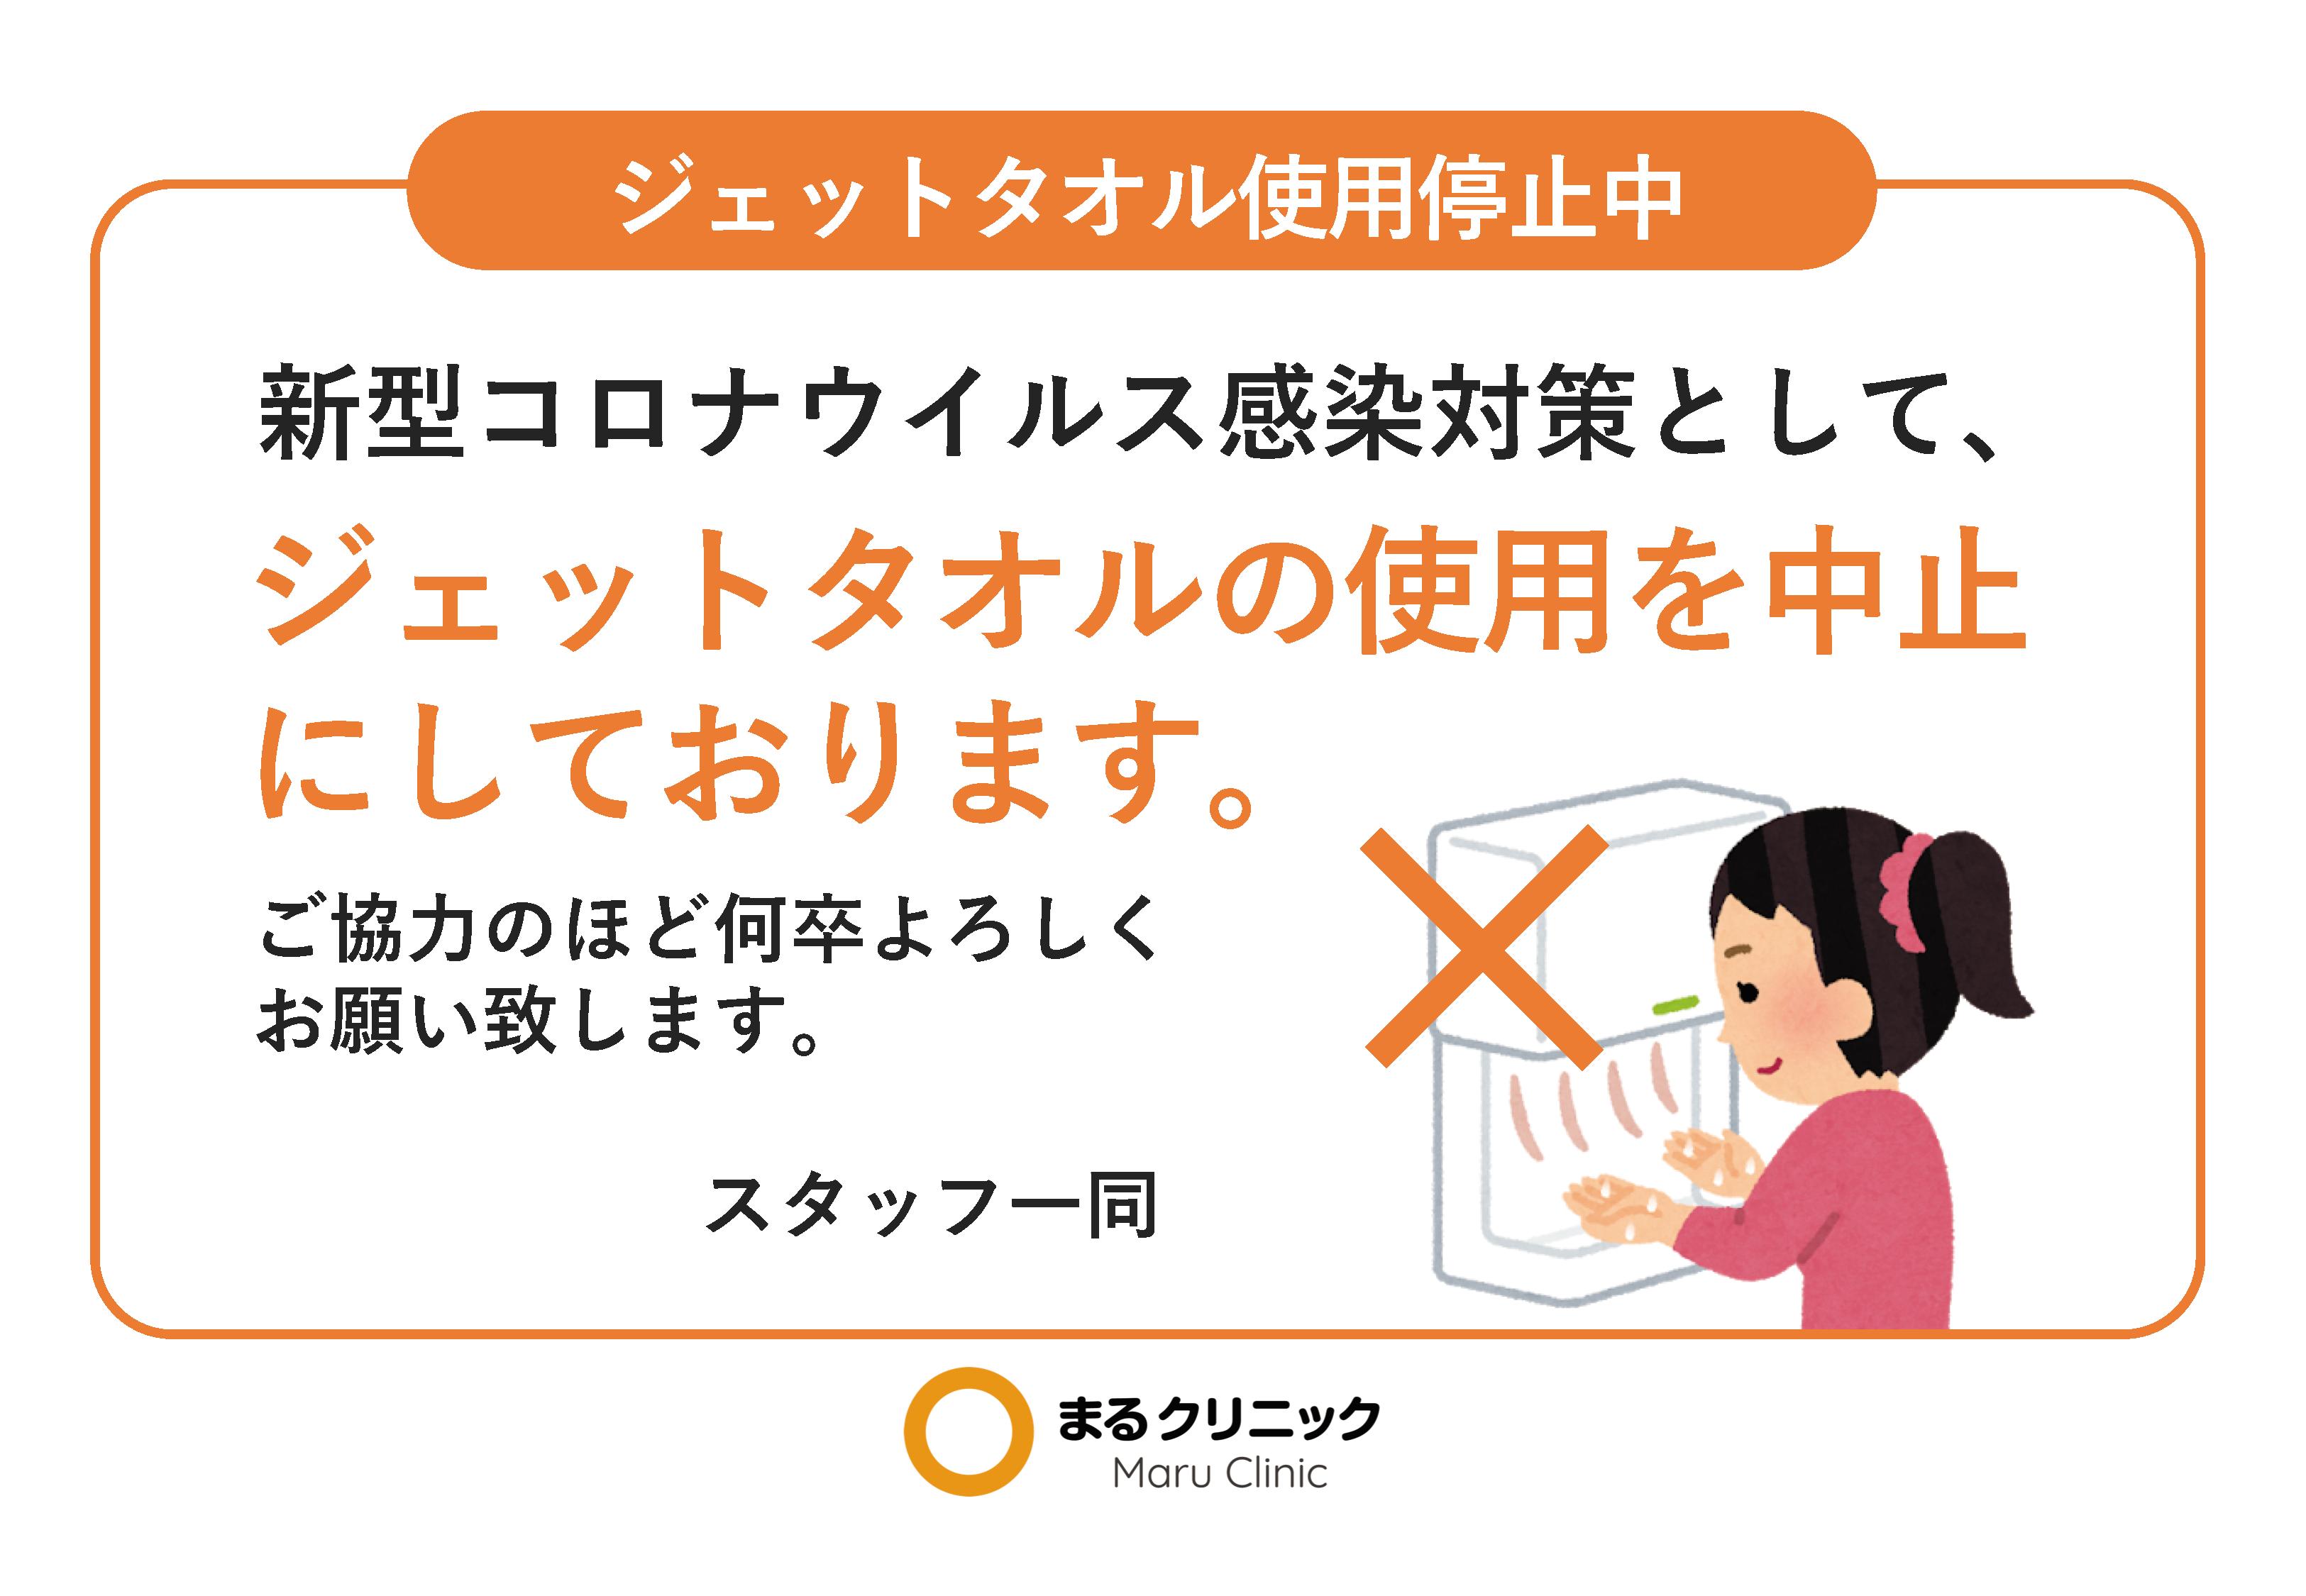 ジェットタオル使用停止(女性向け)【新型コロナウイルス対策ツール】